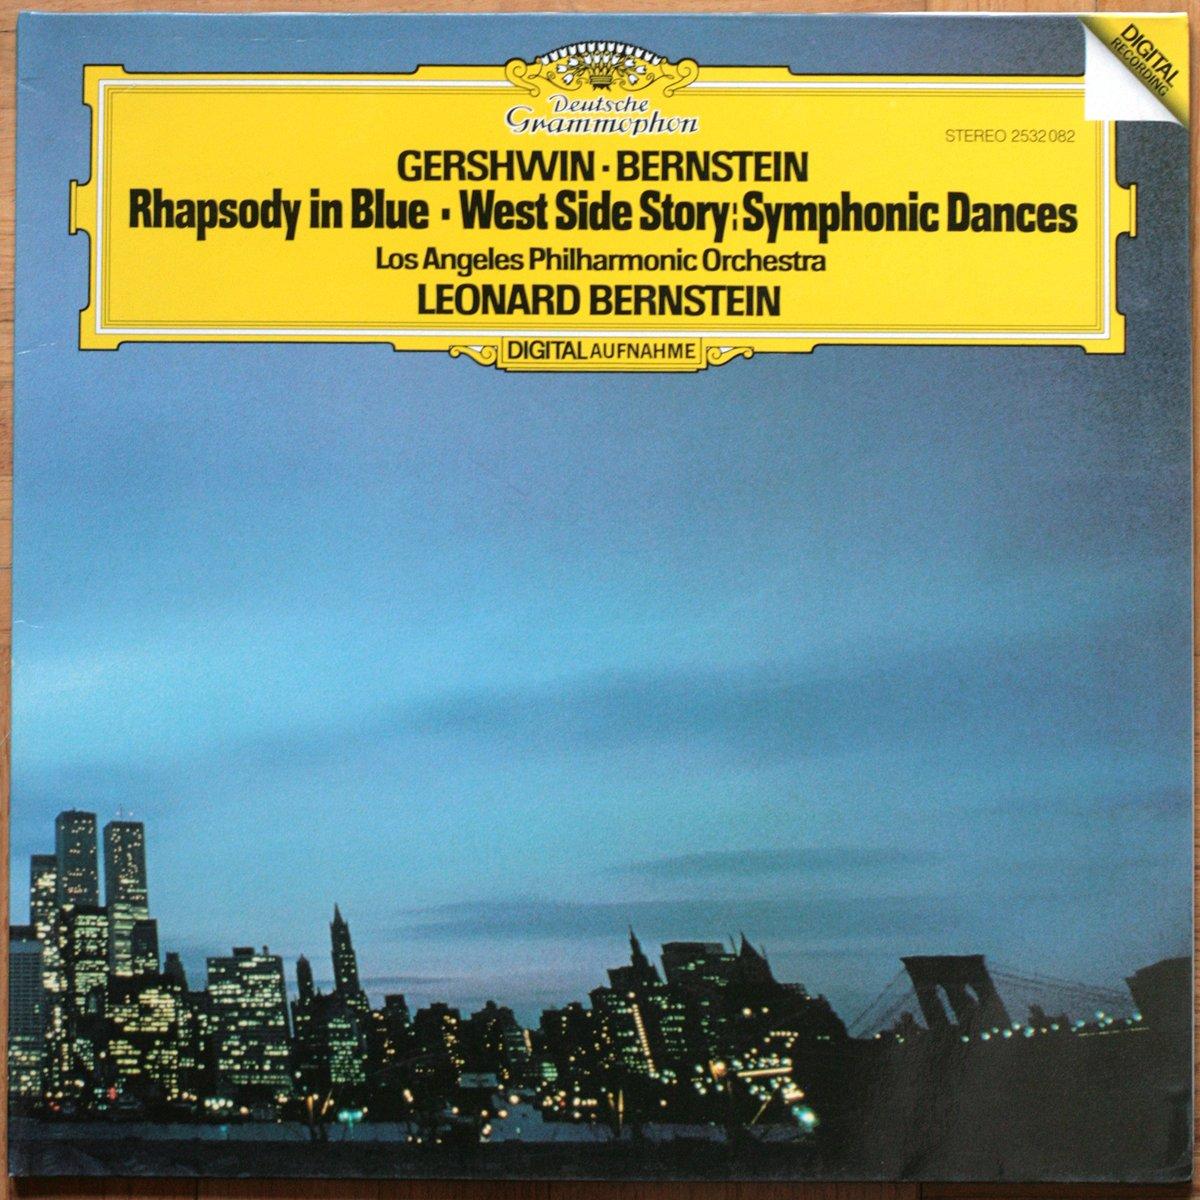 DGG 2532082 Gershwin Bernstein Rhapsody Bernstein